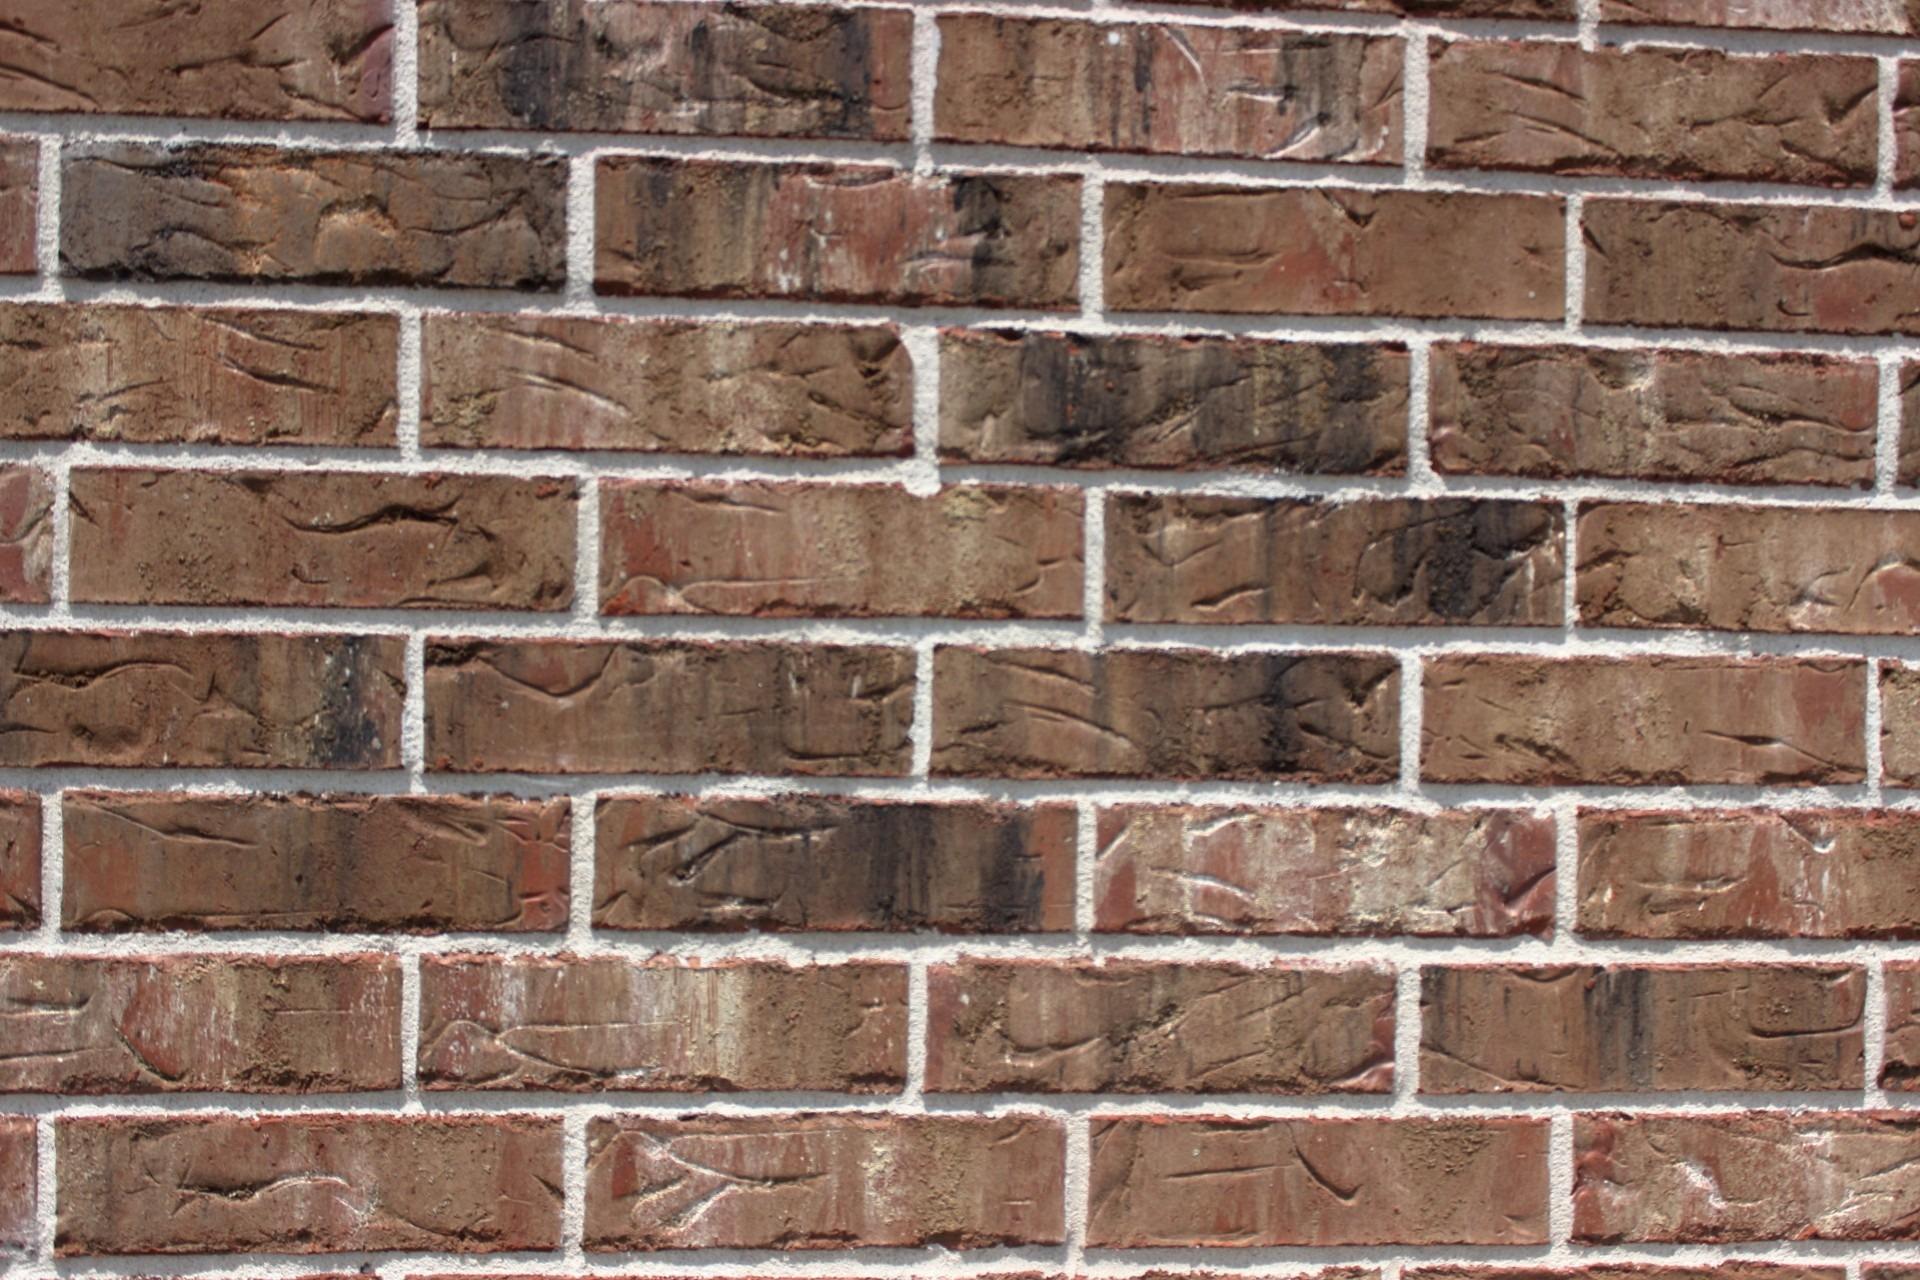 Montgomery Brick